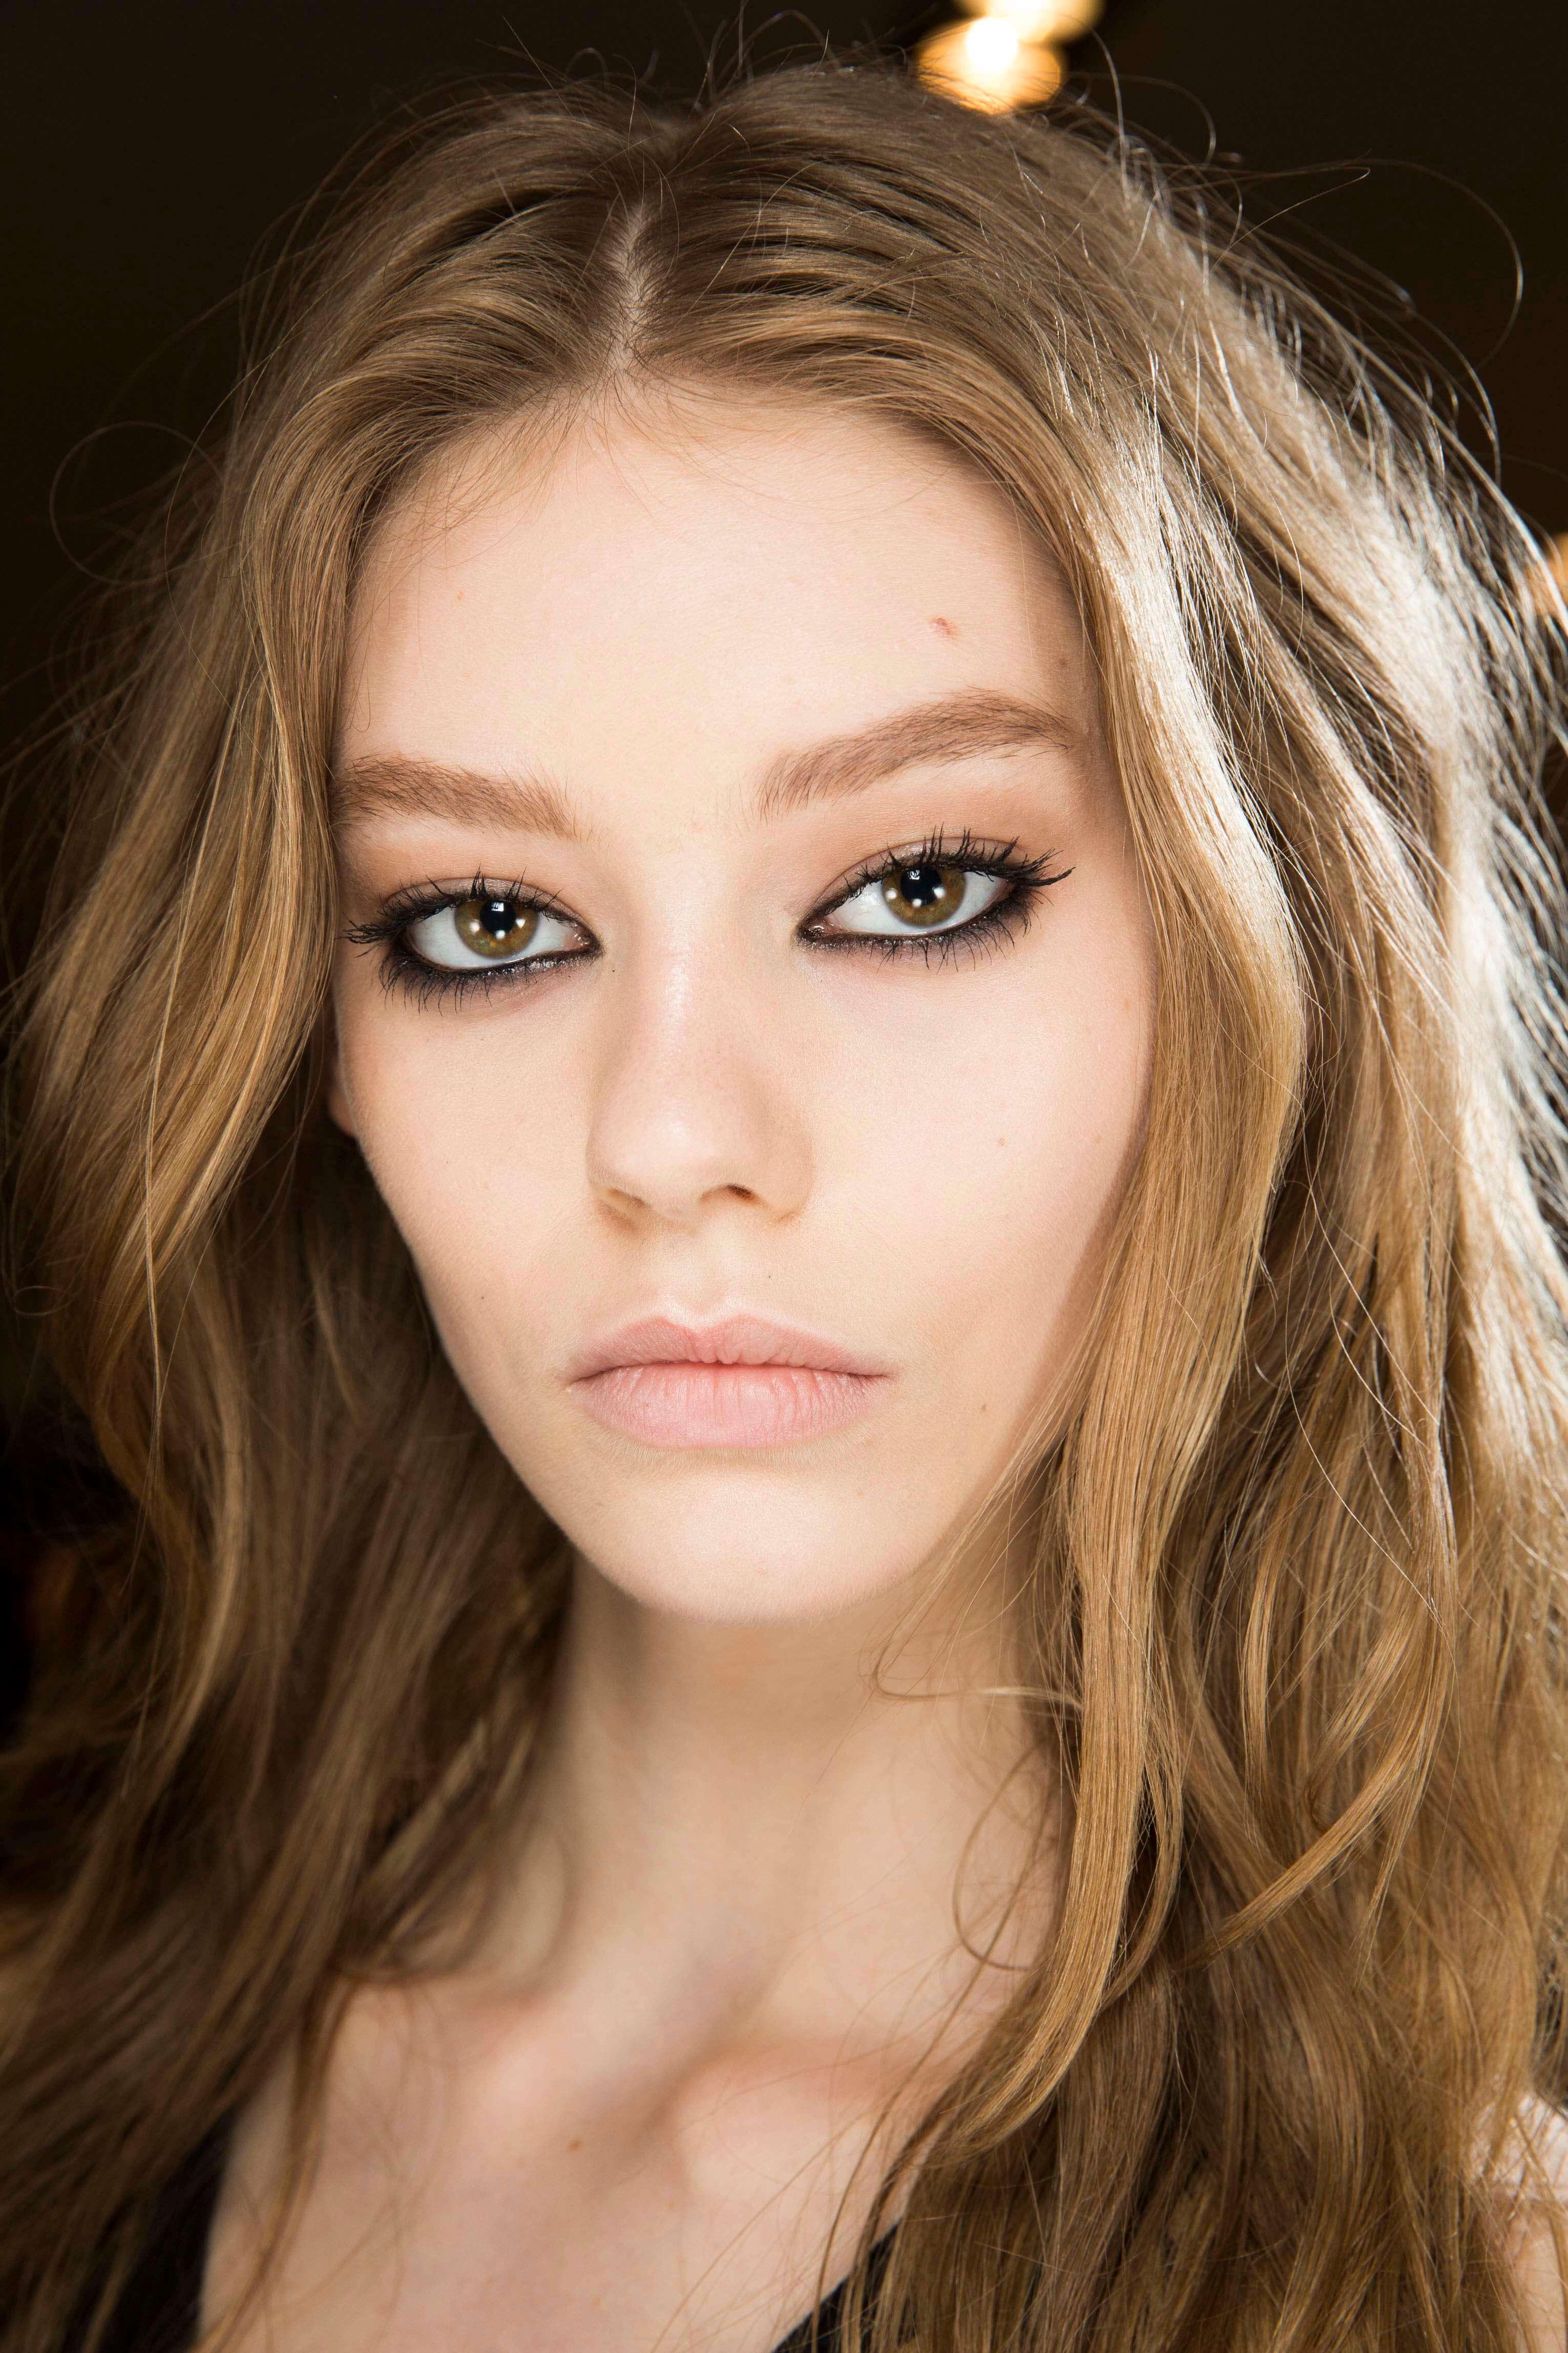 Nuances de cheveux blonds : Femme aux cheveux bruns ondulés d'un blond foncé et portant un maquillage épais pour les yeux.